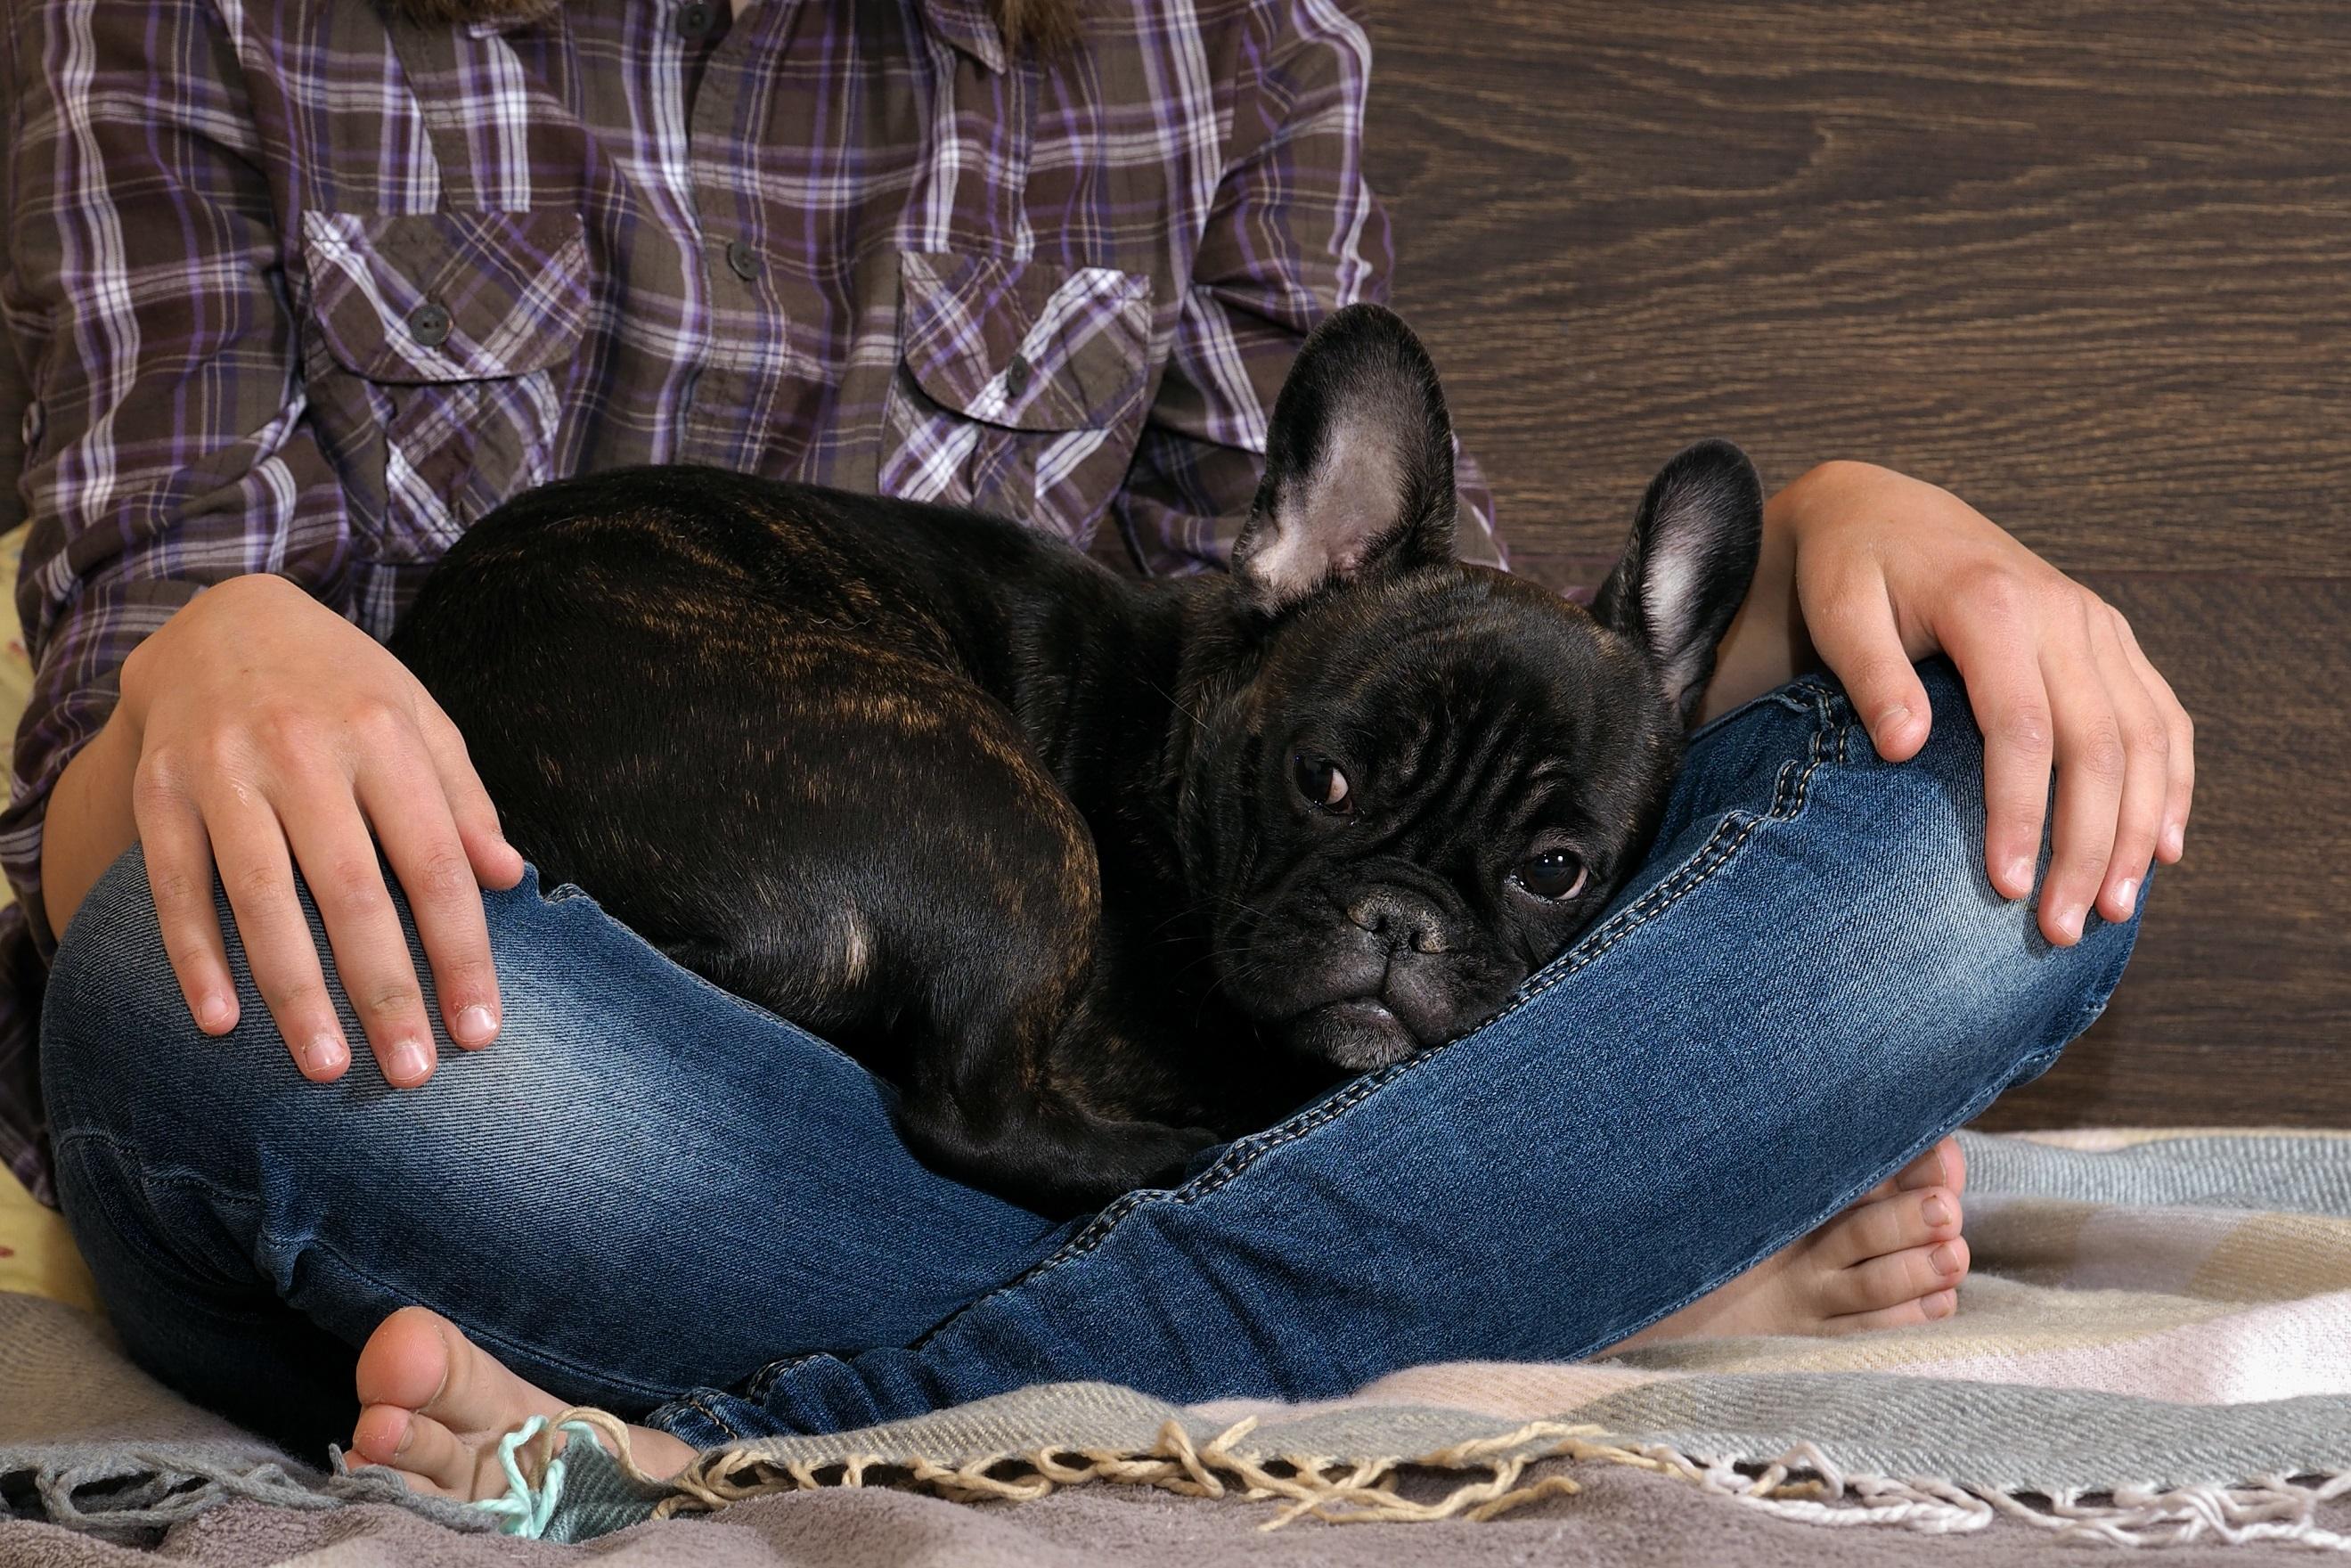 franz sische bulldogge steckbrief mein. Black Bedroom Furniture Sets. Home Design Ideas